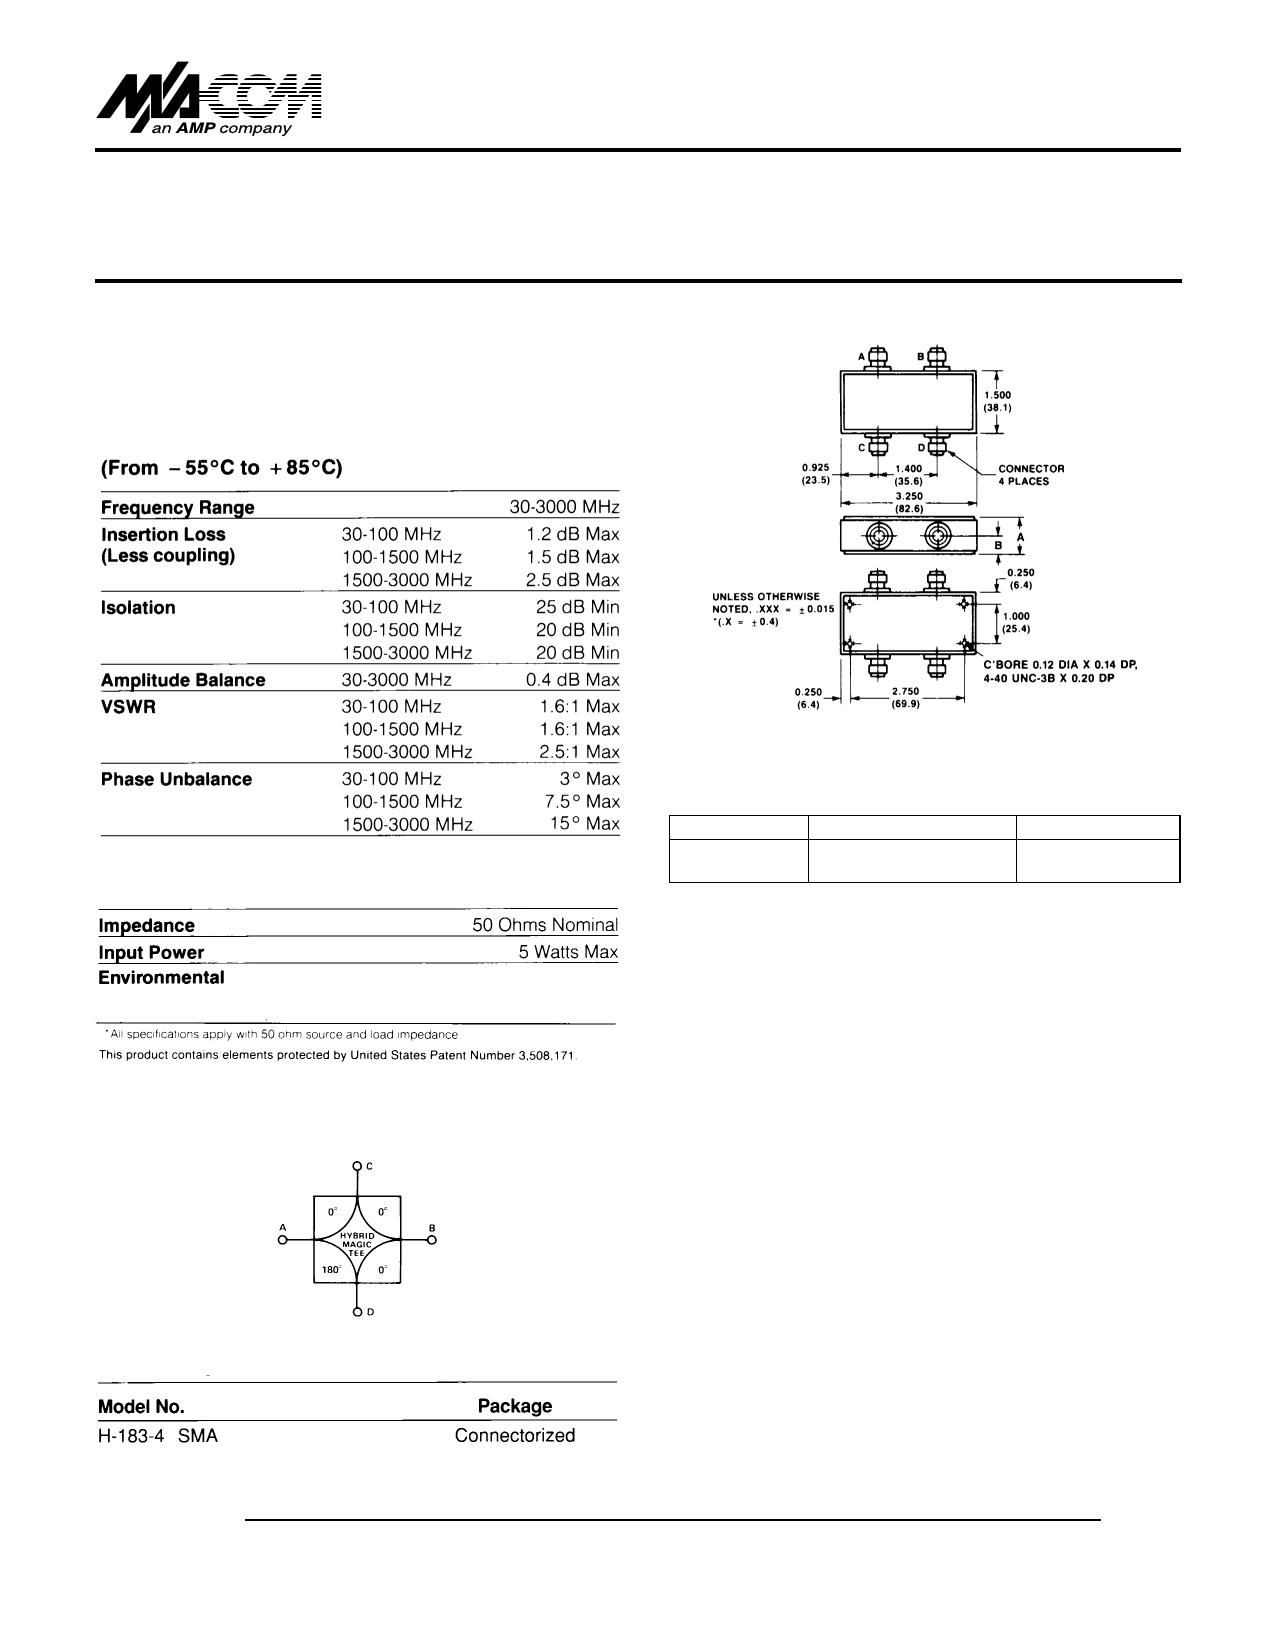 H-183-4 Hoja de datos, Descripción, Manual